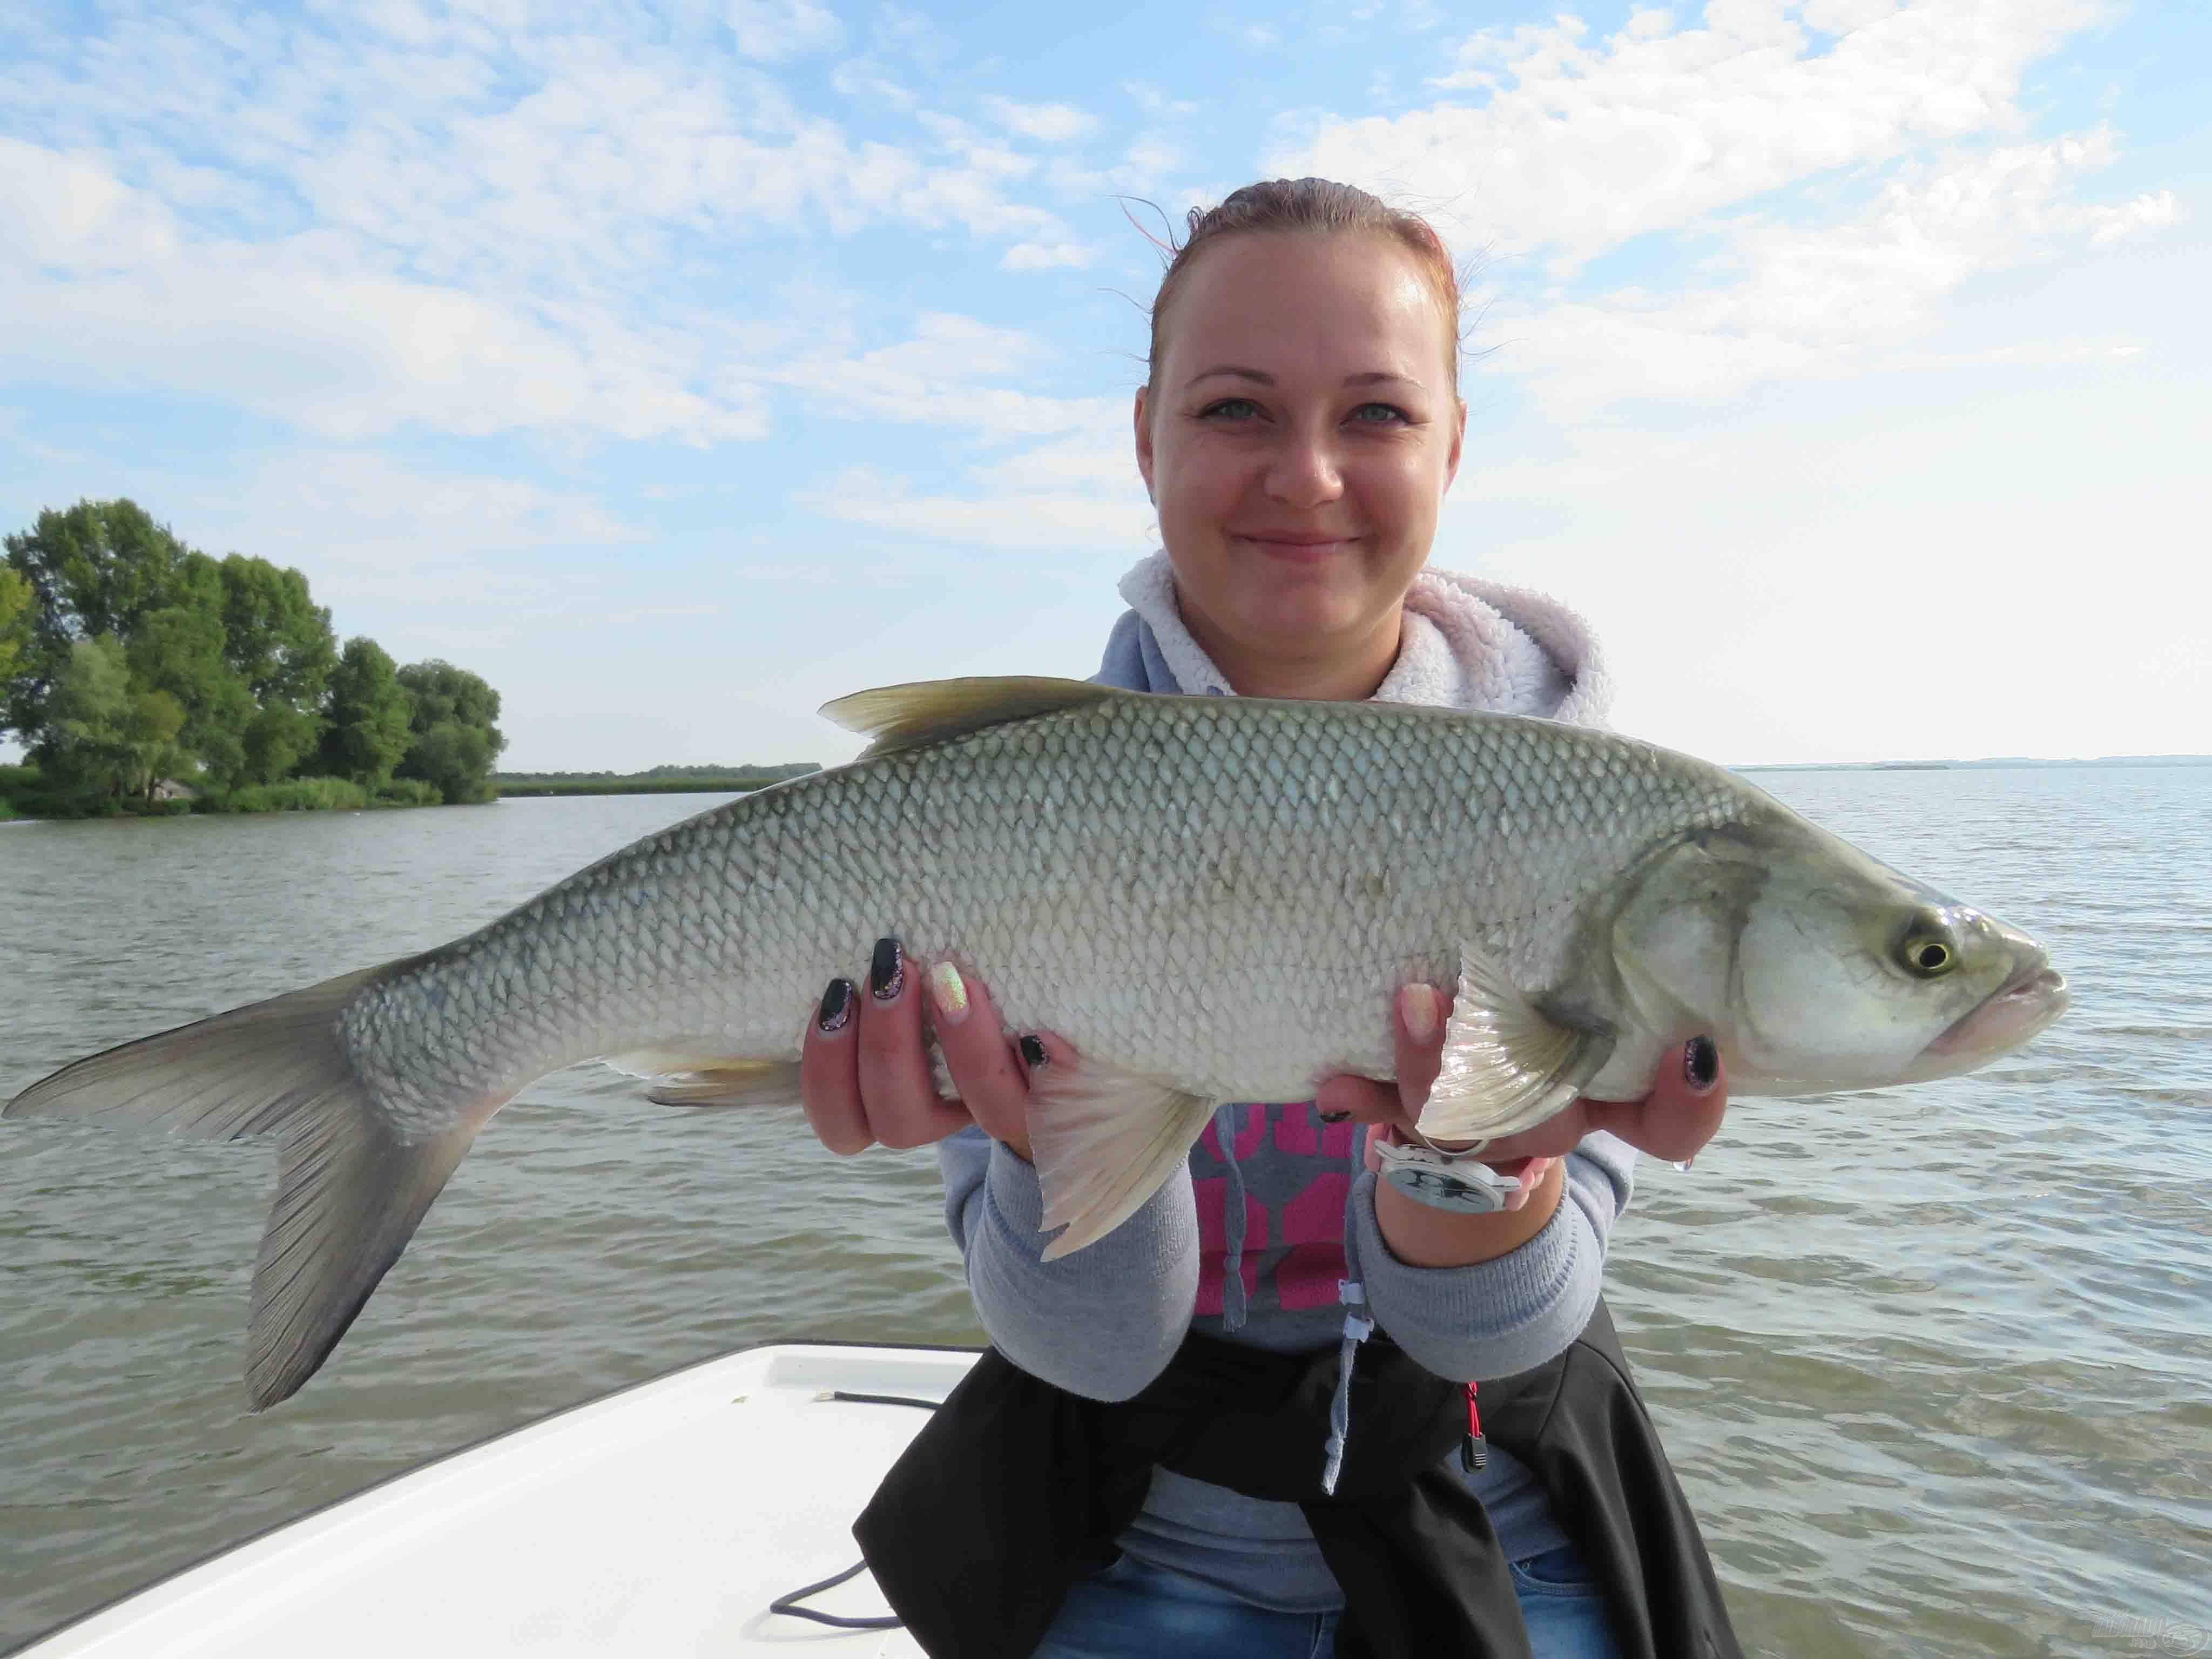 A Tisza-tó engem is elvarázsolt, így kedvesemmel a nyaralásunkat is ott töltöttük